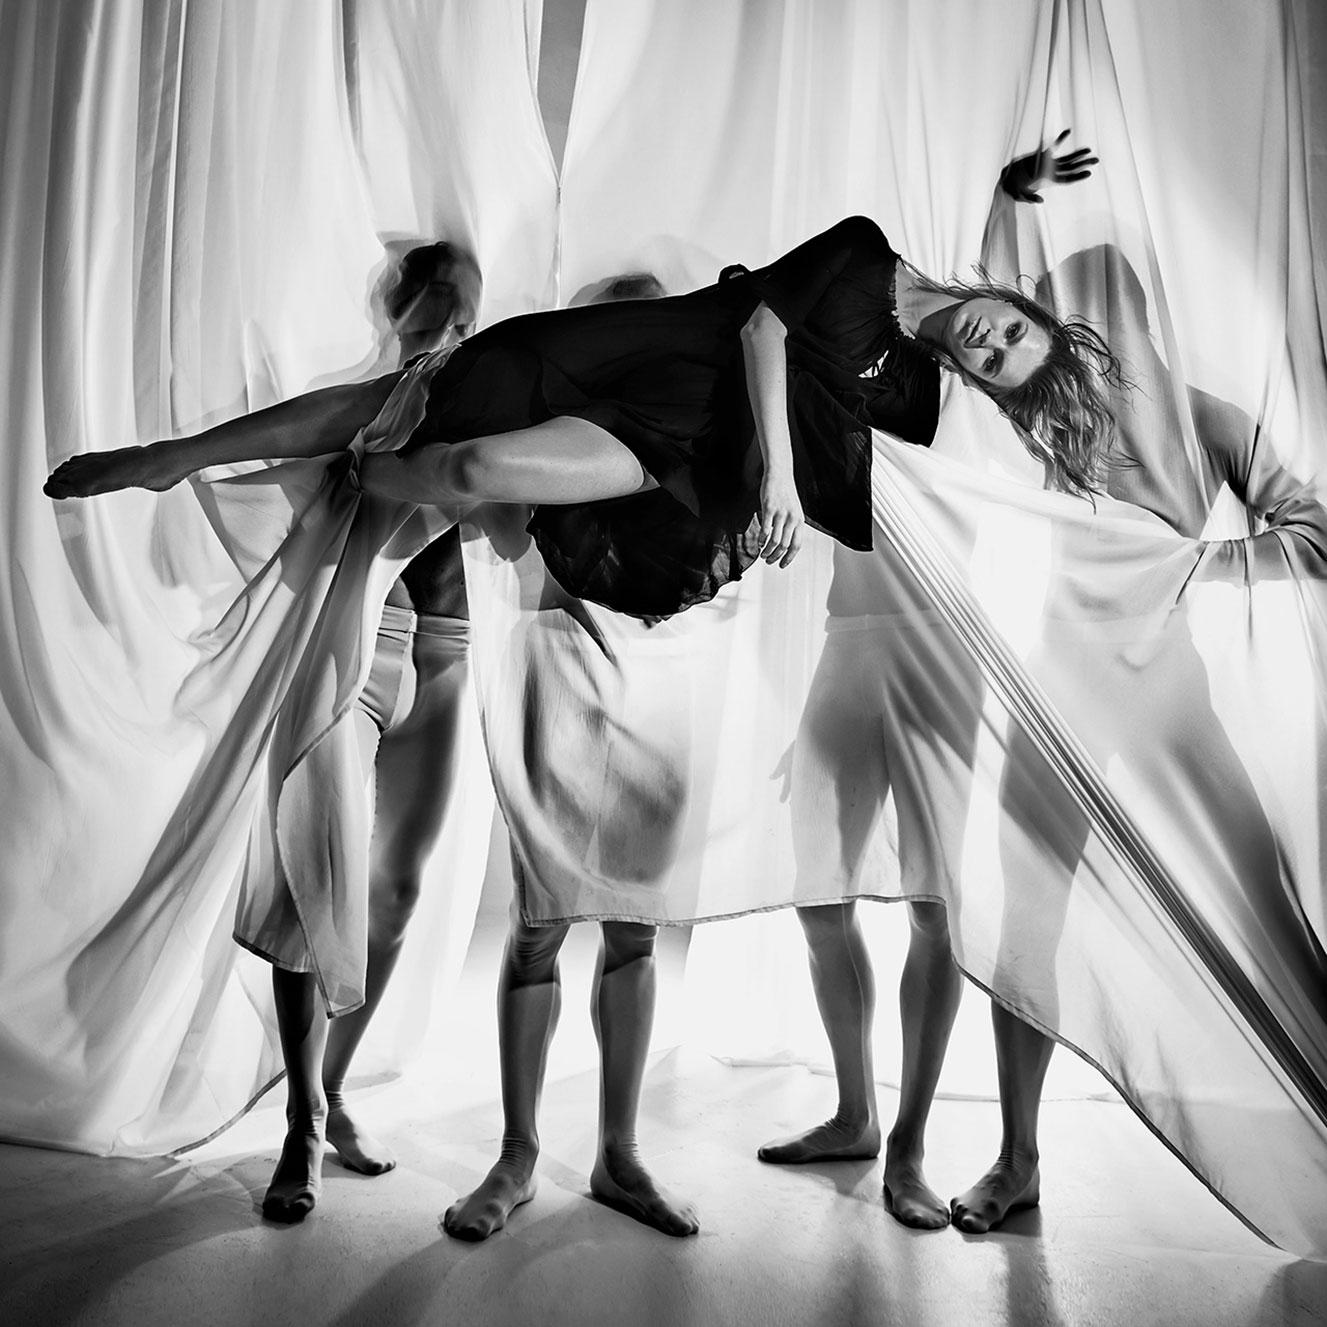 Анастасия Шевченко, прима-балерина Национальной Оперы Украины / фото 01